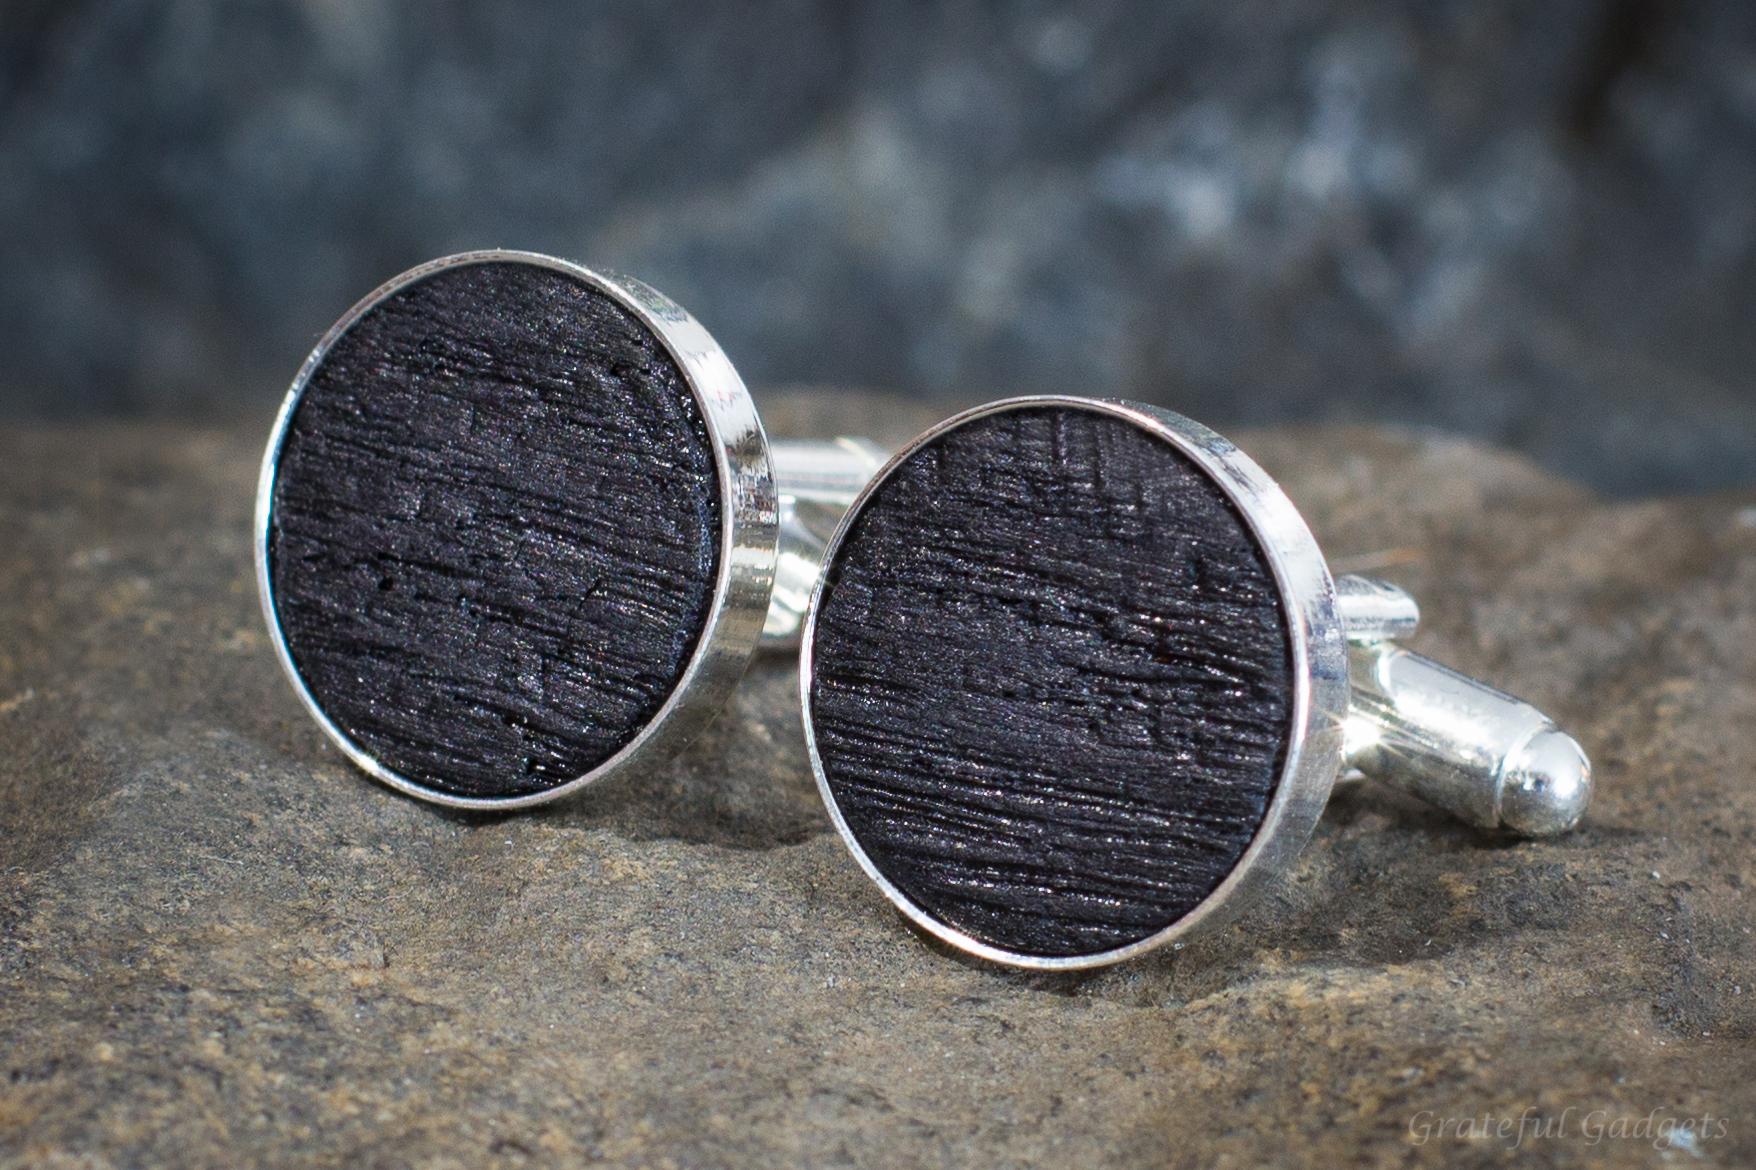 Wood Cufflink Set Handmade Wooden Cuff Links Handmade Cufflinks Whiskey Barrel Cufflinks Wood Cufflinks for Him Men/'s Gifts